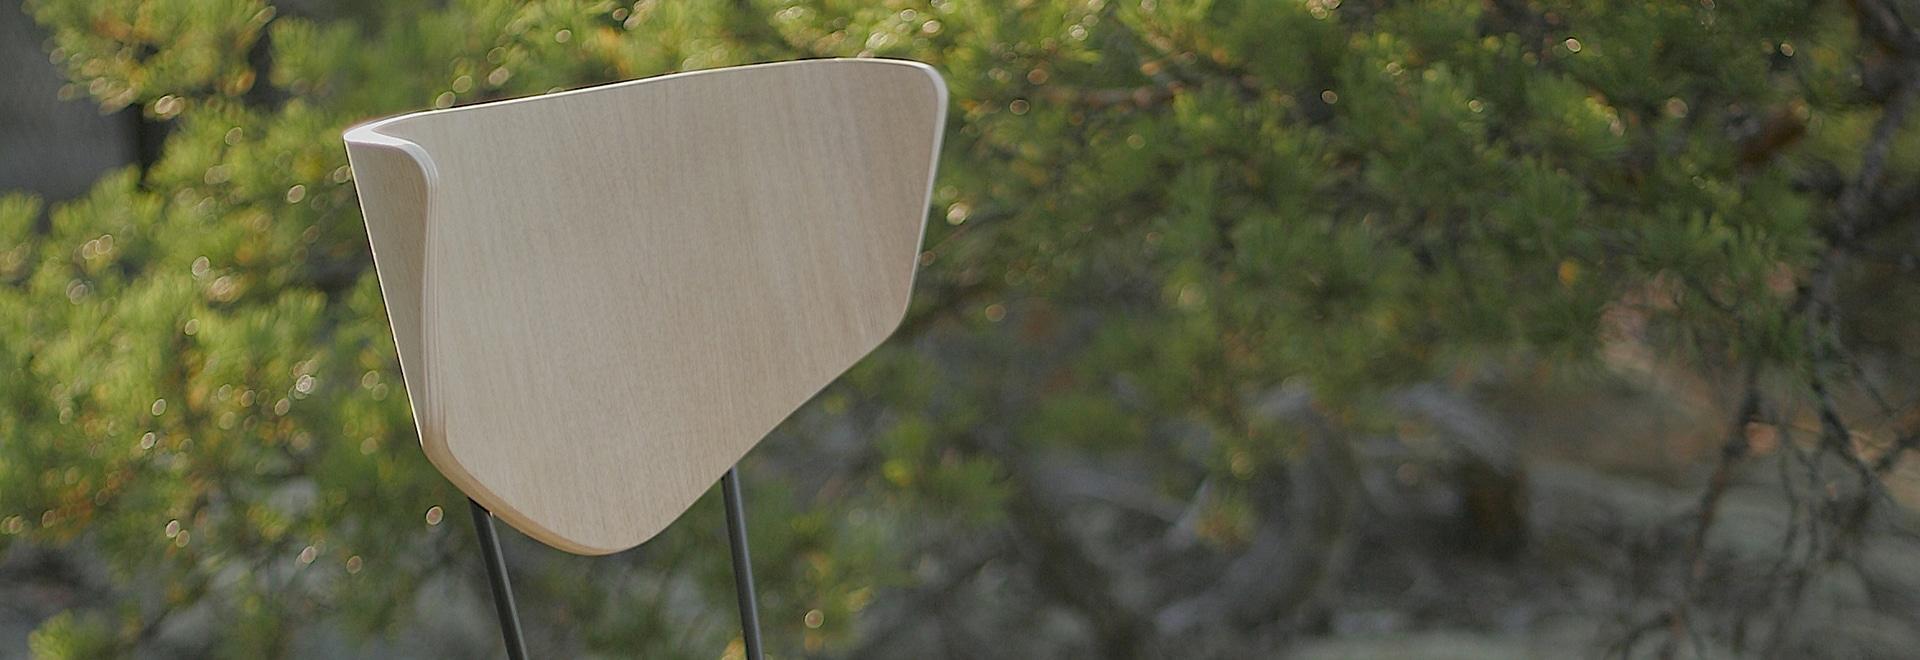 RayBoy designed by Elmet Treier